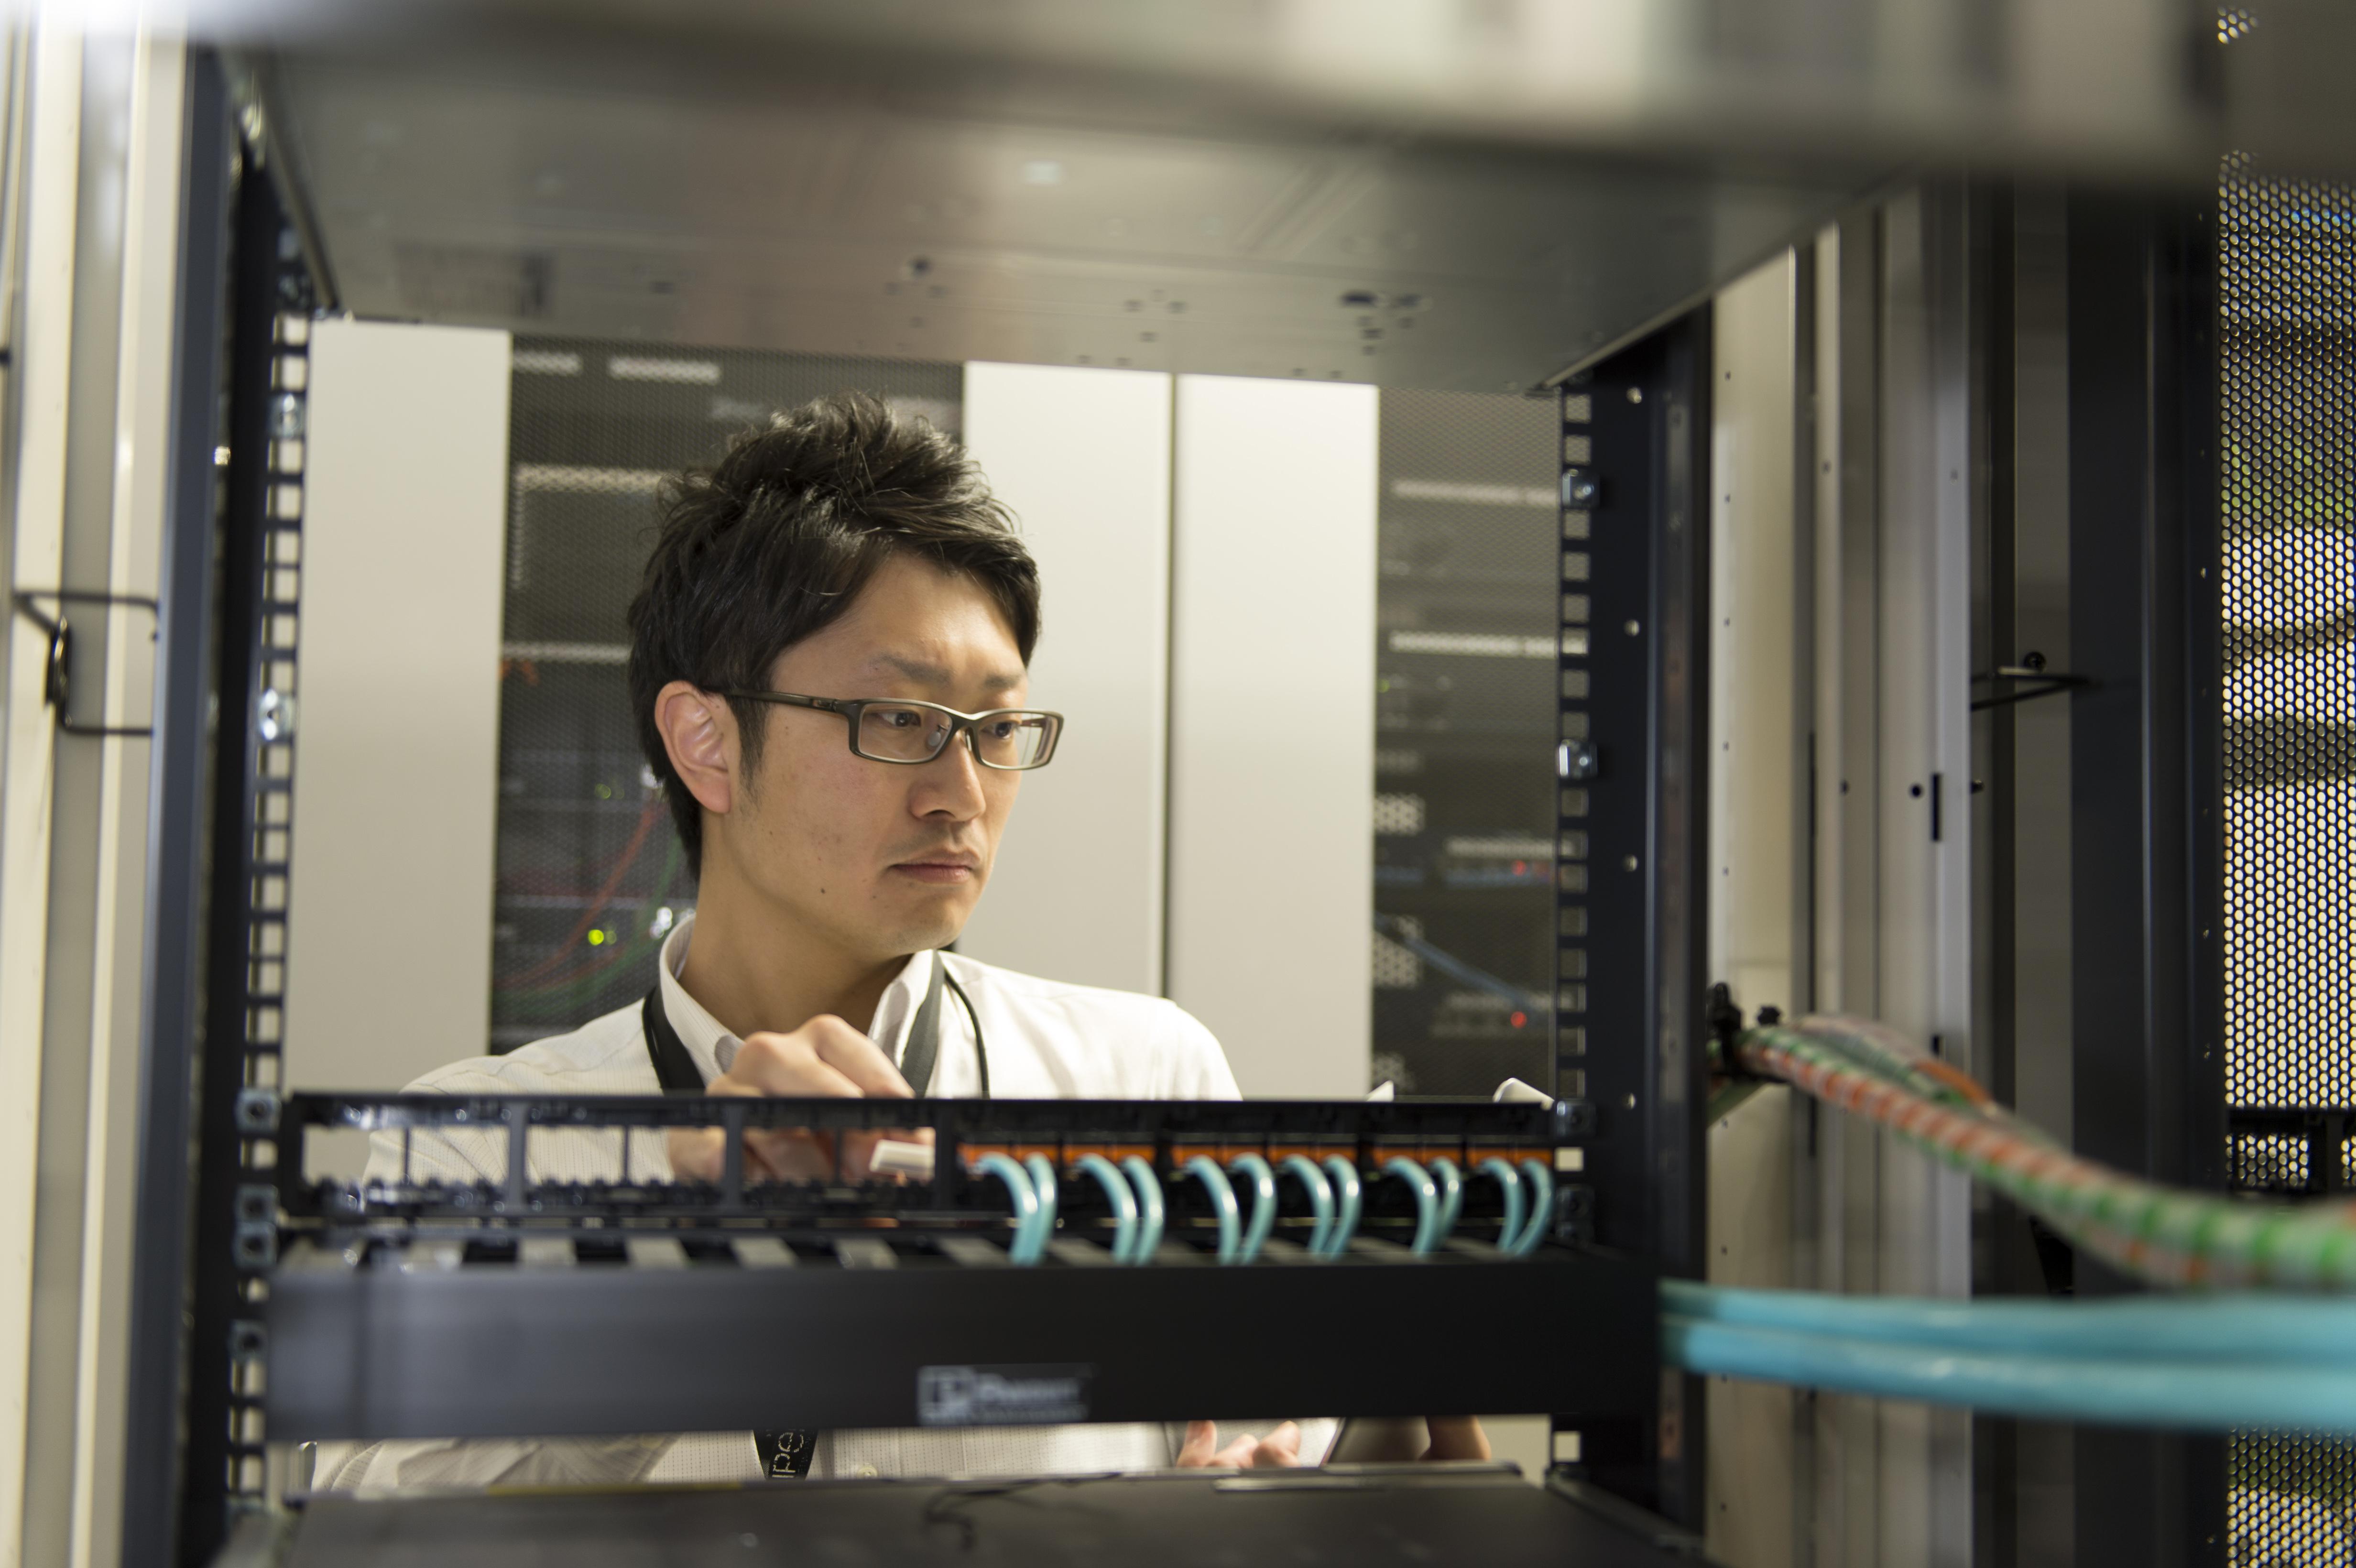 【中途】ケーブルテレビ 情報システム部門新規立ち上げ